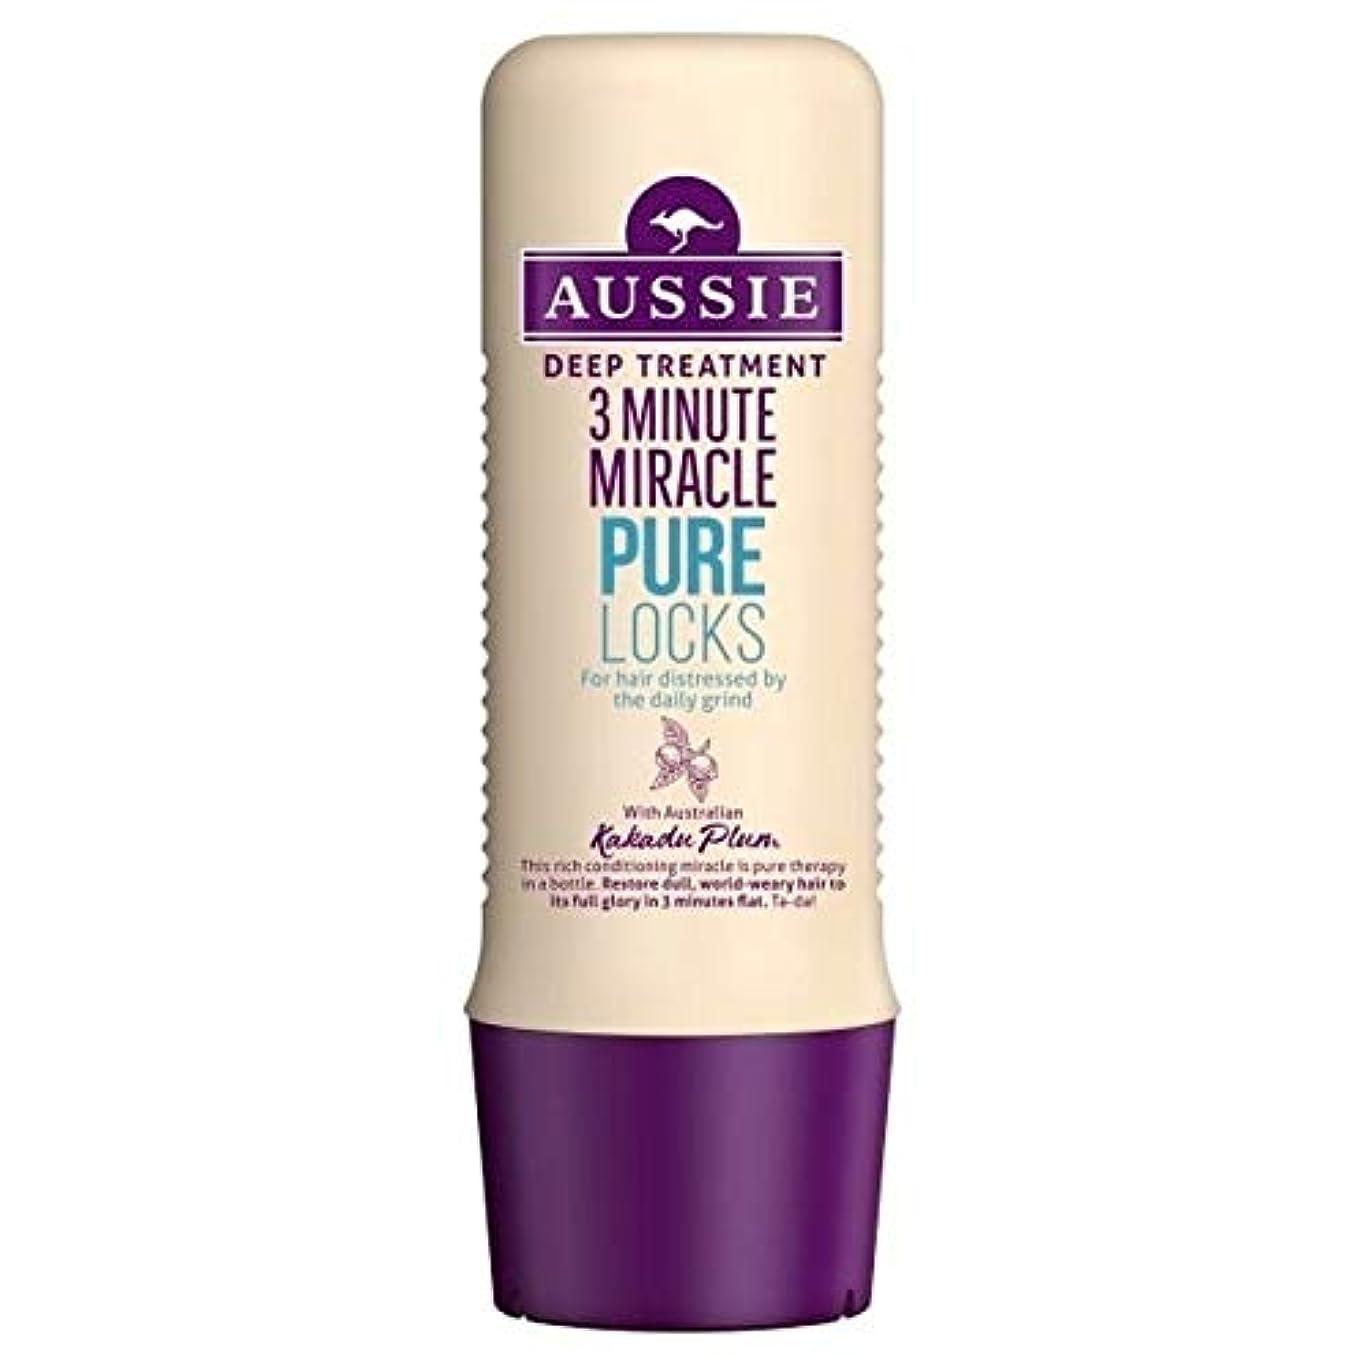 狂気日記水族館[Aussie ] オーストラリアの純粋なロック3分の奇跡の250ミリリットル - Aussie Pure Locks 3 Minute Miracle 250ml [並行輸入品]